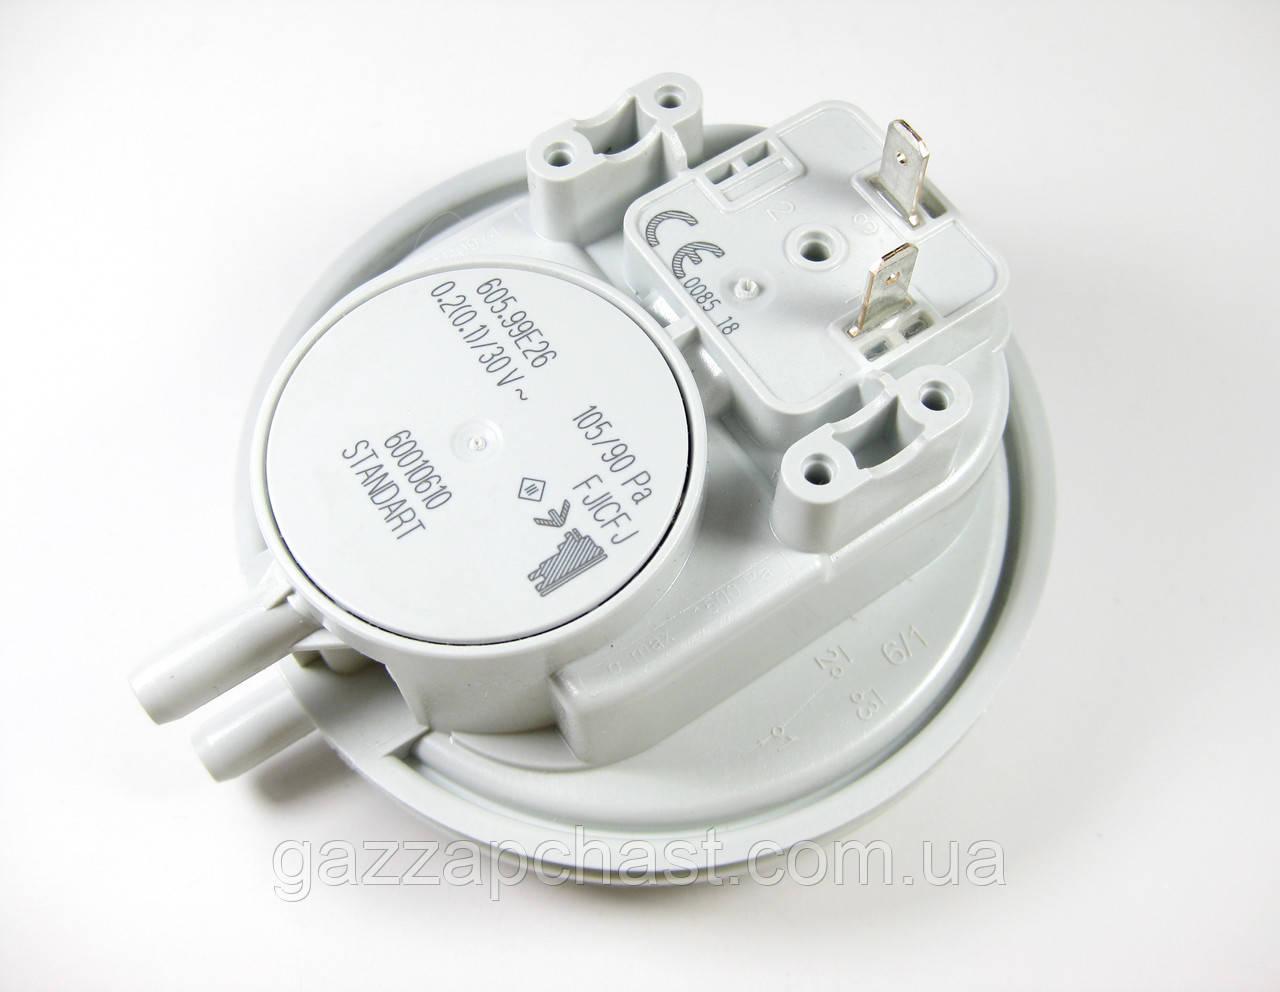 Пресостат Vaillant TurboMax, TurboTec, Aquablock 105/90 Pa 0020018138